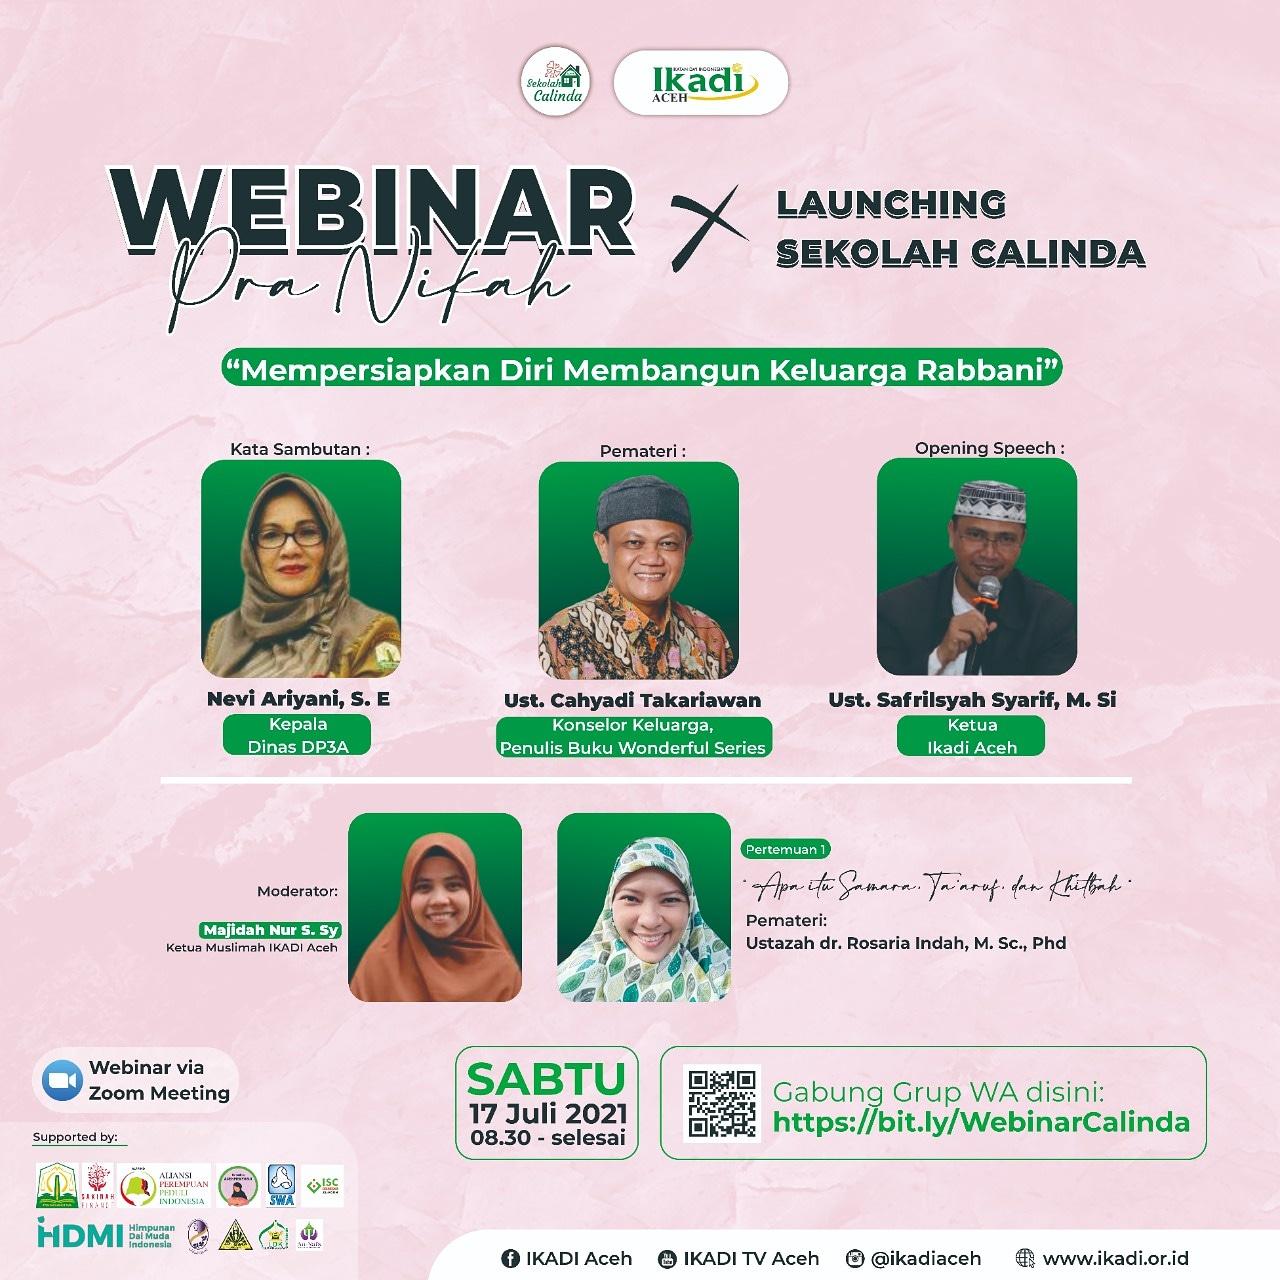 Ikadi Aceh melaksanakan webinar Pra Nikah dan Launching Sekolah Calinda (Calon Linto dan Dara Baro) pada Sabtu (17/7/2021).